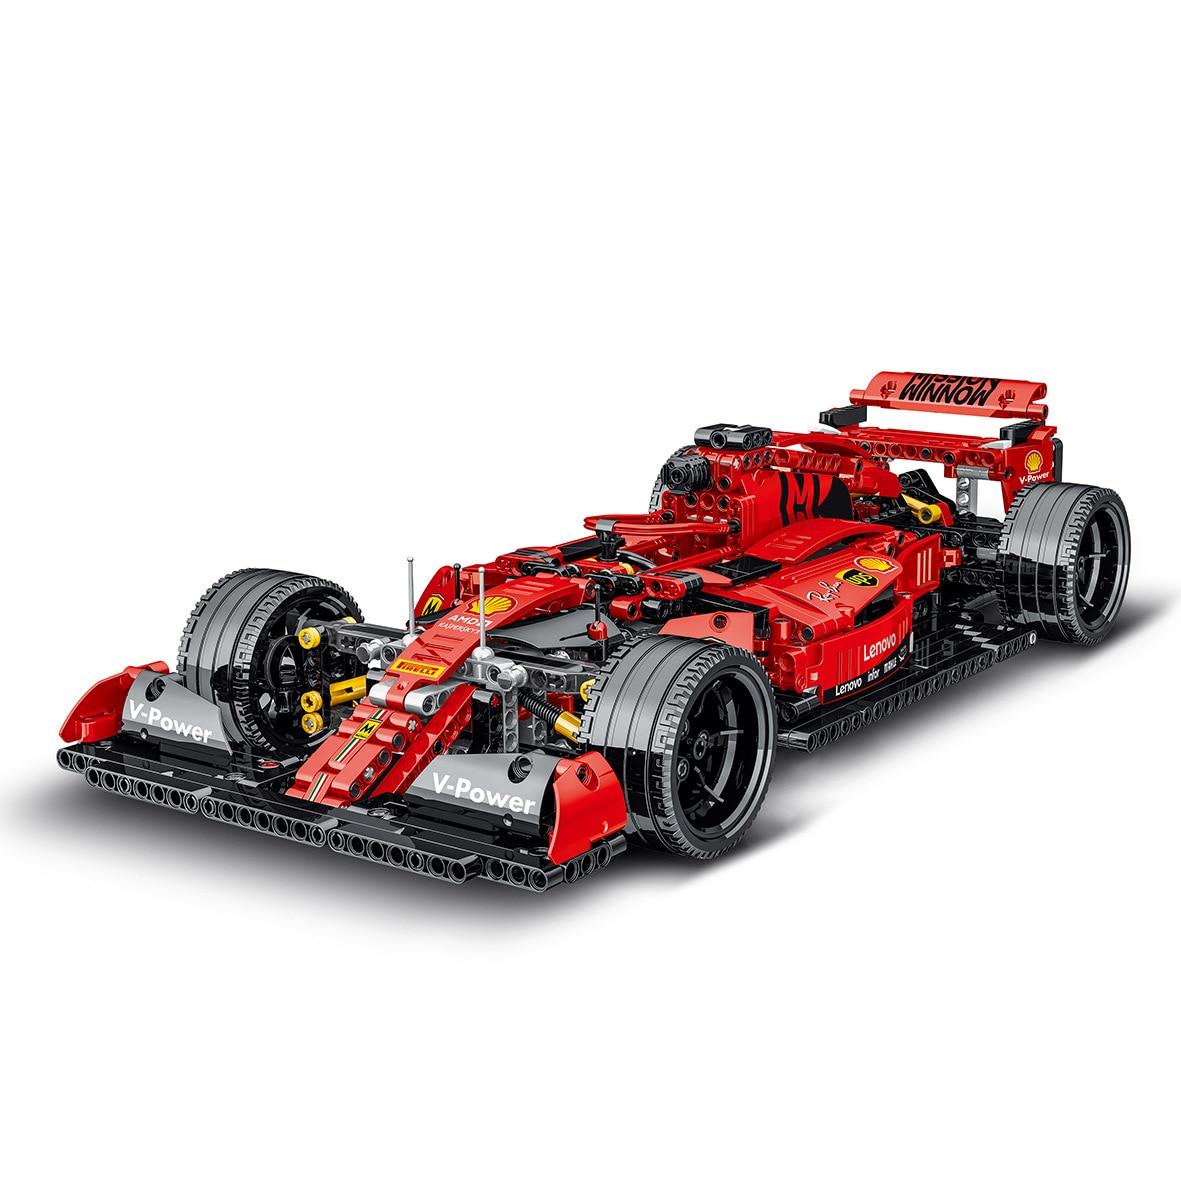 023005-f1-s90-sports-car-building-blocks-1099pcs-simulazione-auto-1-14-modello-f1-mattoni-alternativi-giocattoli-per-bambini-ragazzi-regalo